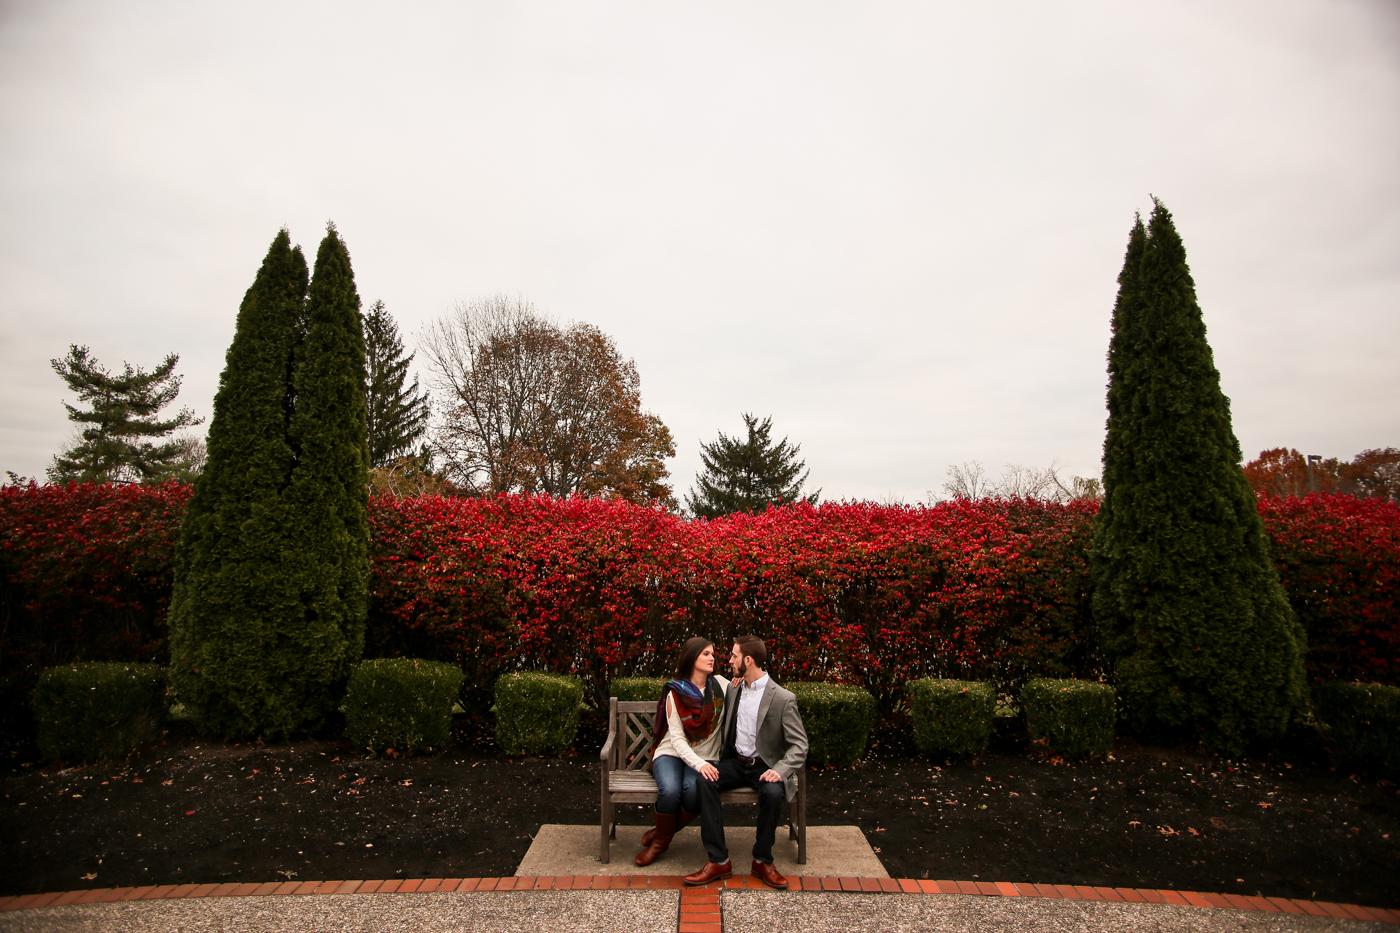 Fall-engagement-wedding-photographer-Kentucky-Bourbon-30.jpg